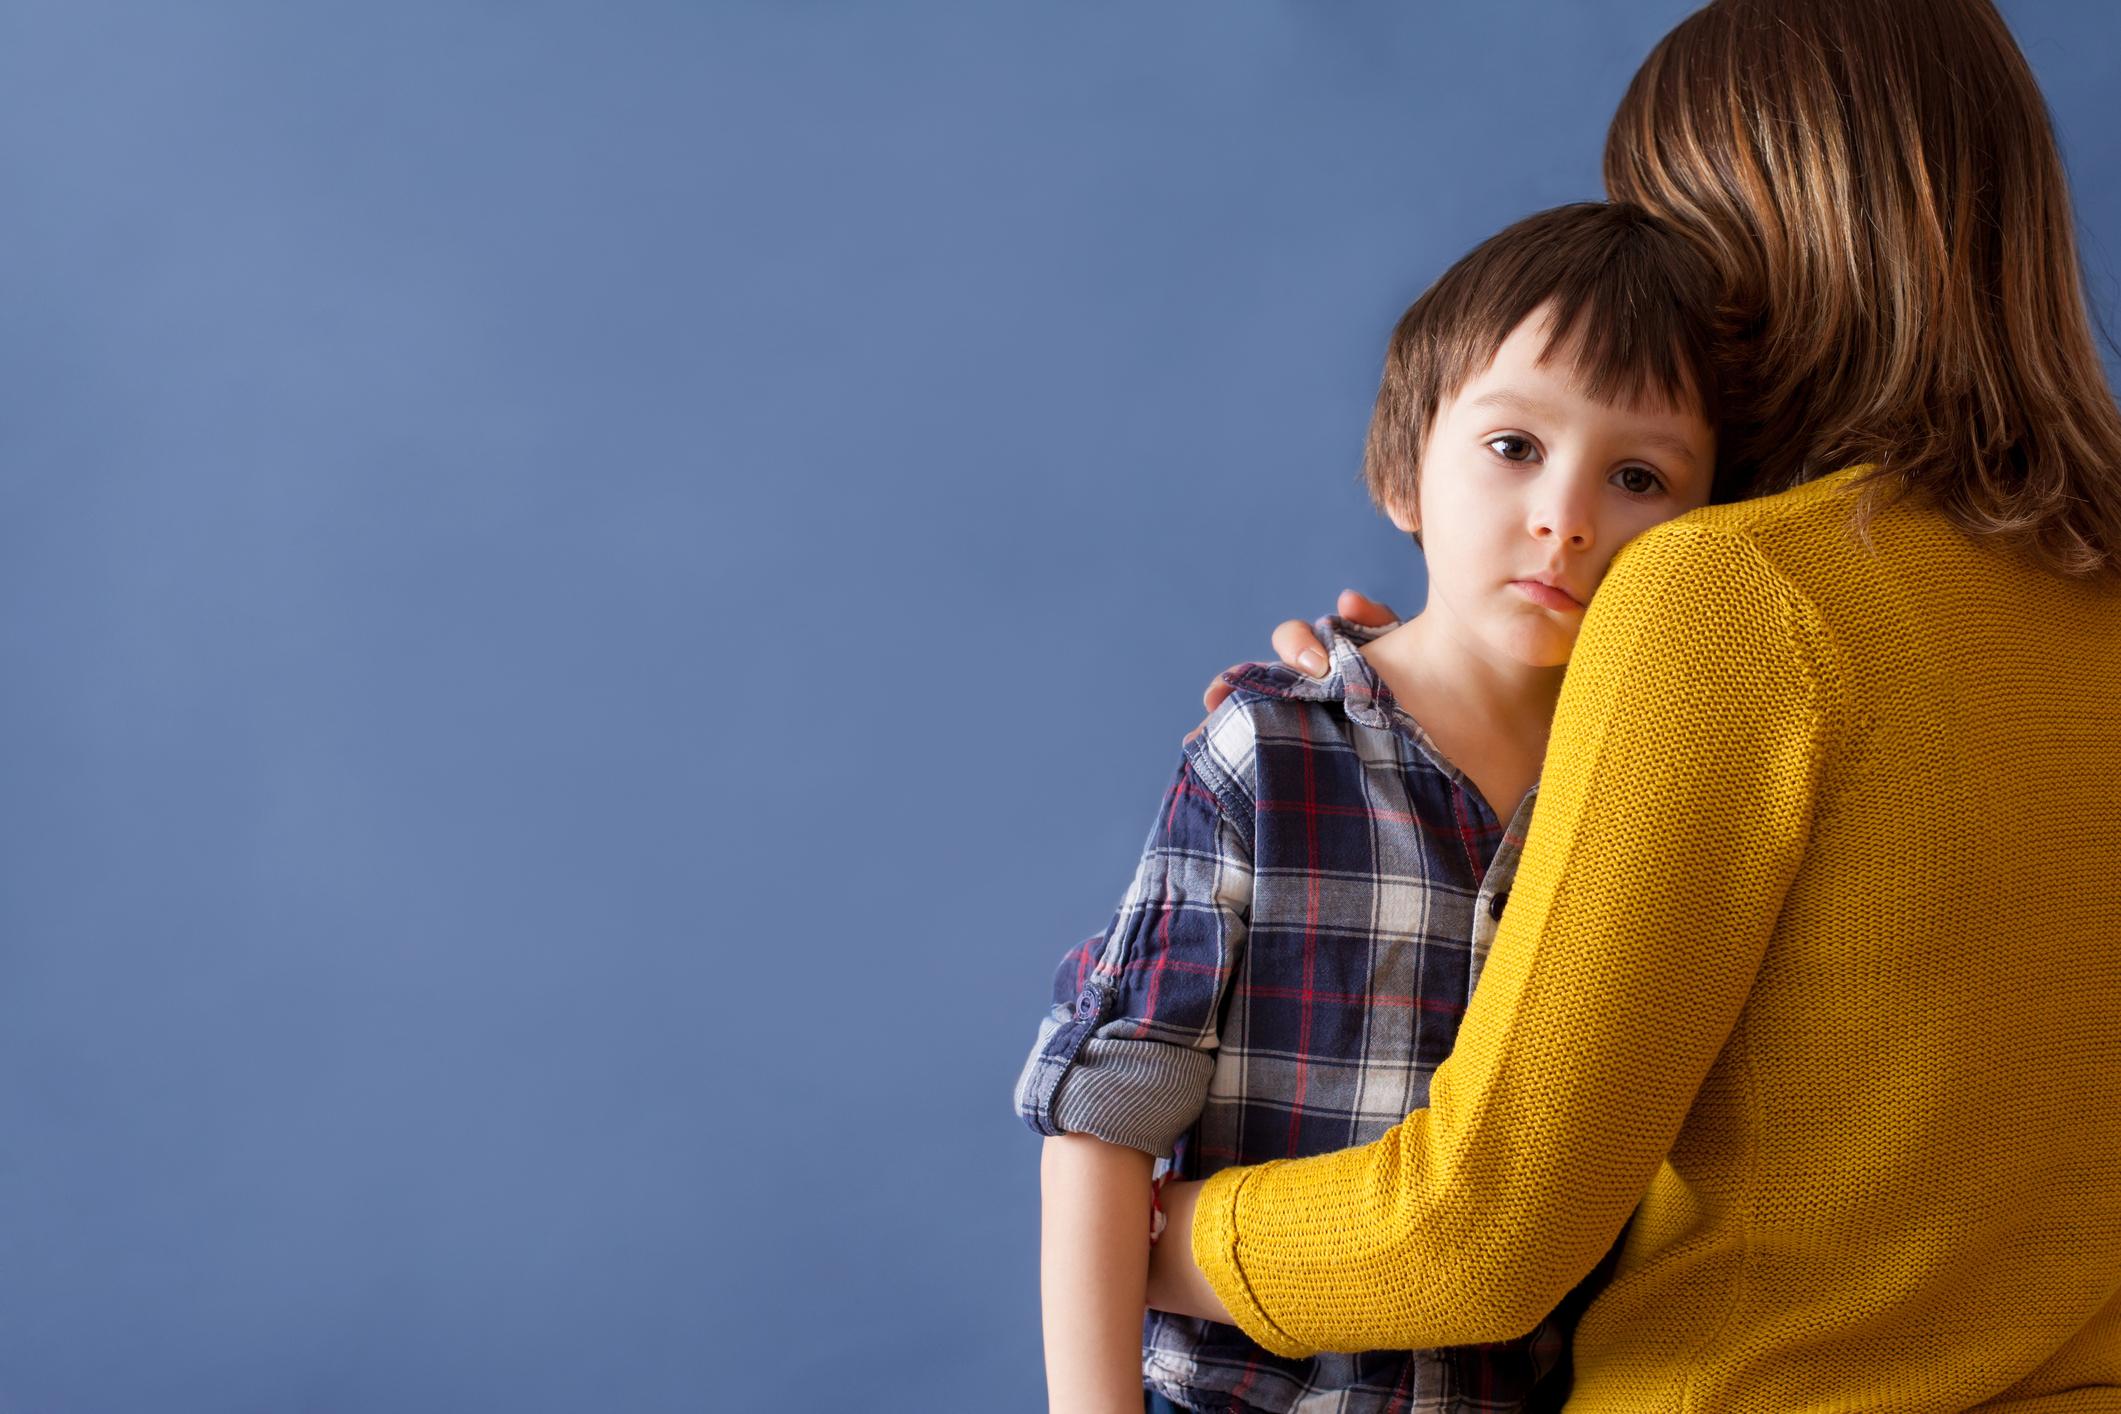 Sad Boy being hugged.jpg